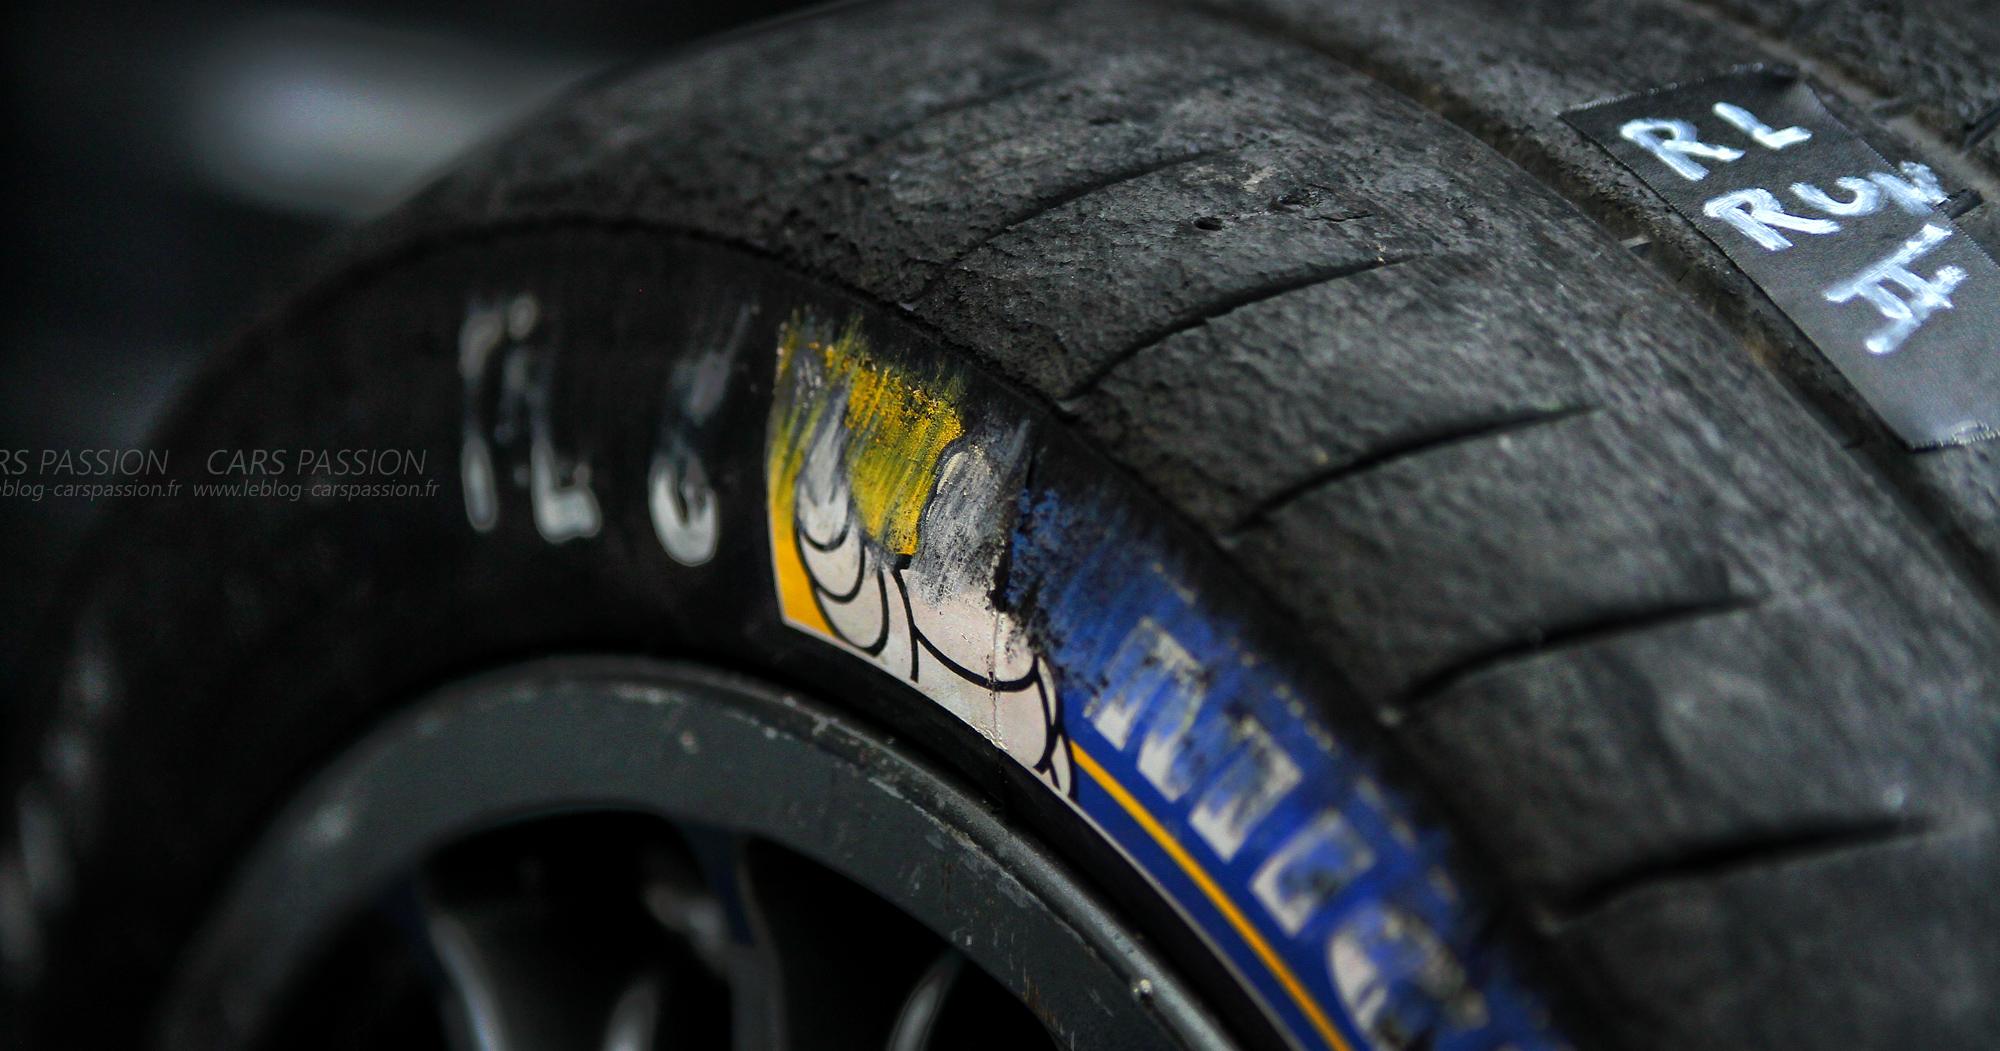 WRC-2016-Tour-de-corse-Ogier-VW-N1-11